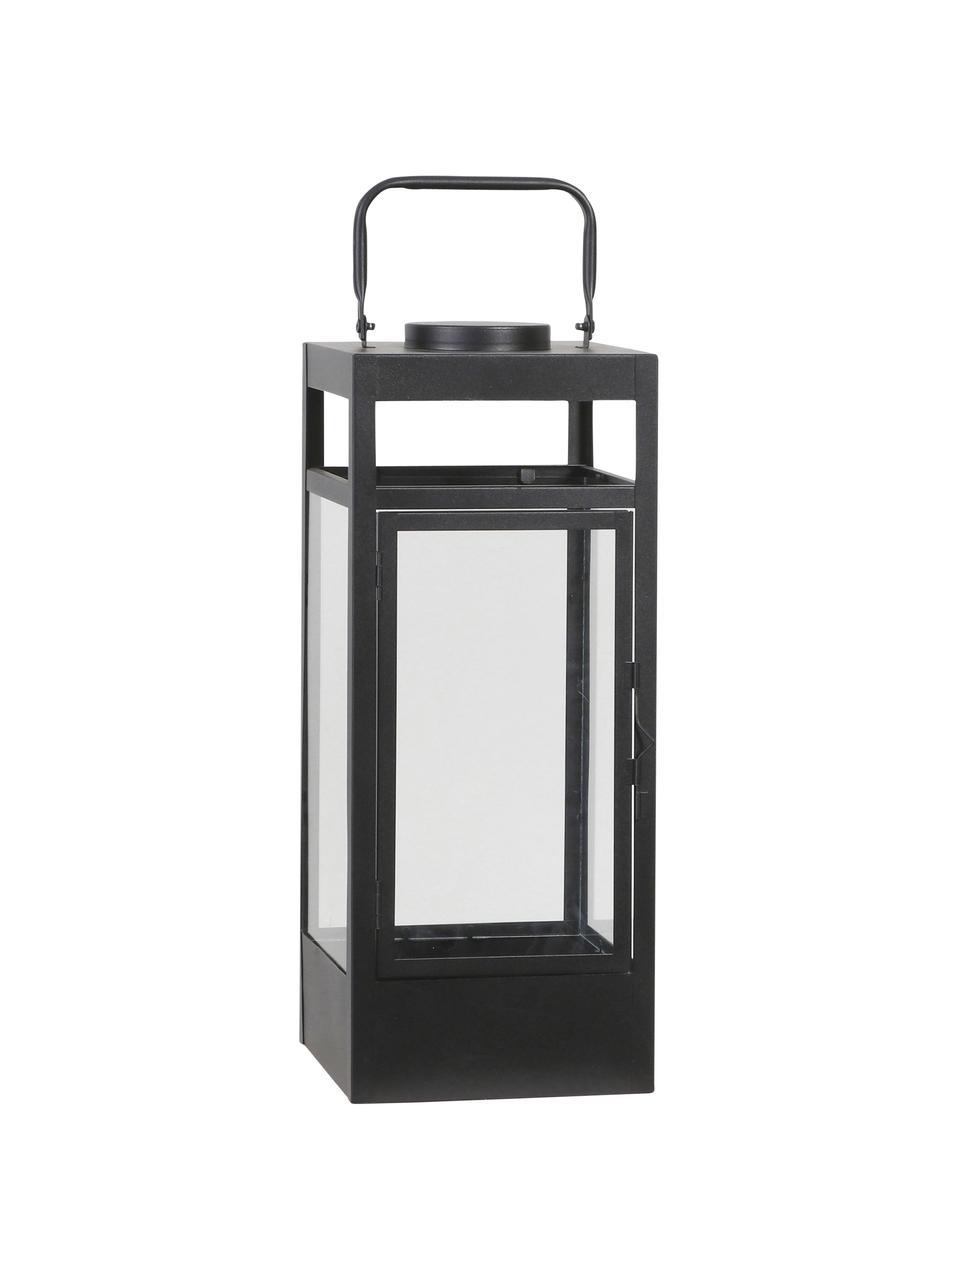 Mobilna latarenka na baterie LED Flint, Stelaż: metal powlekany, Czarny, S 17 x W 42 cm